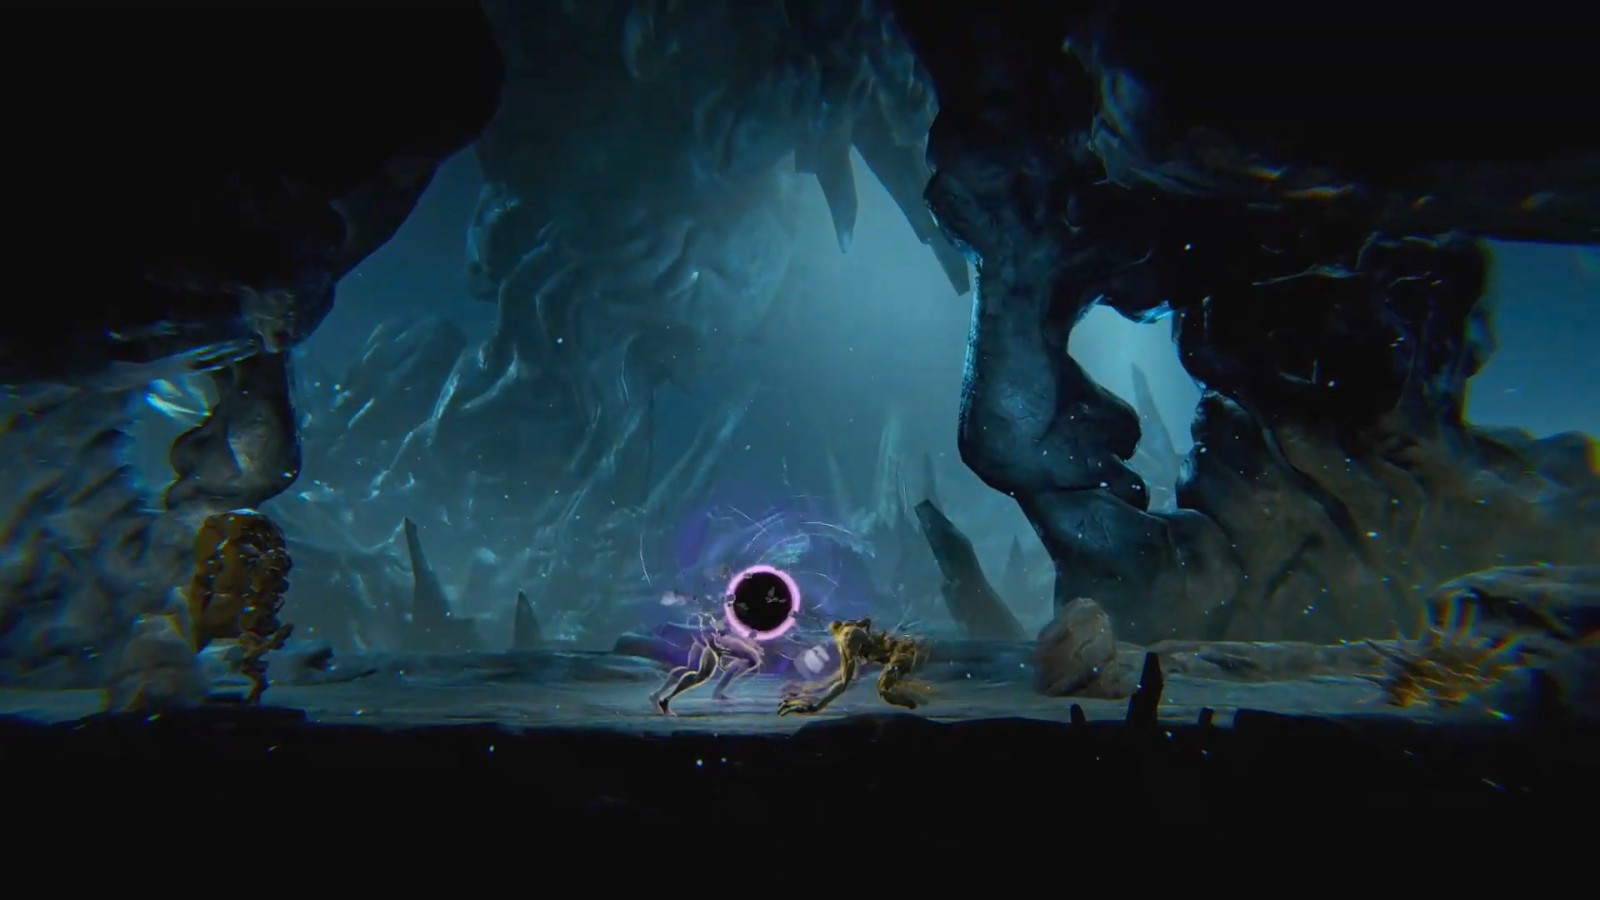 恐怖探索《尘埃异变》发售预告 Steam首发价72元